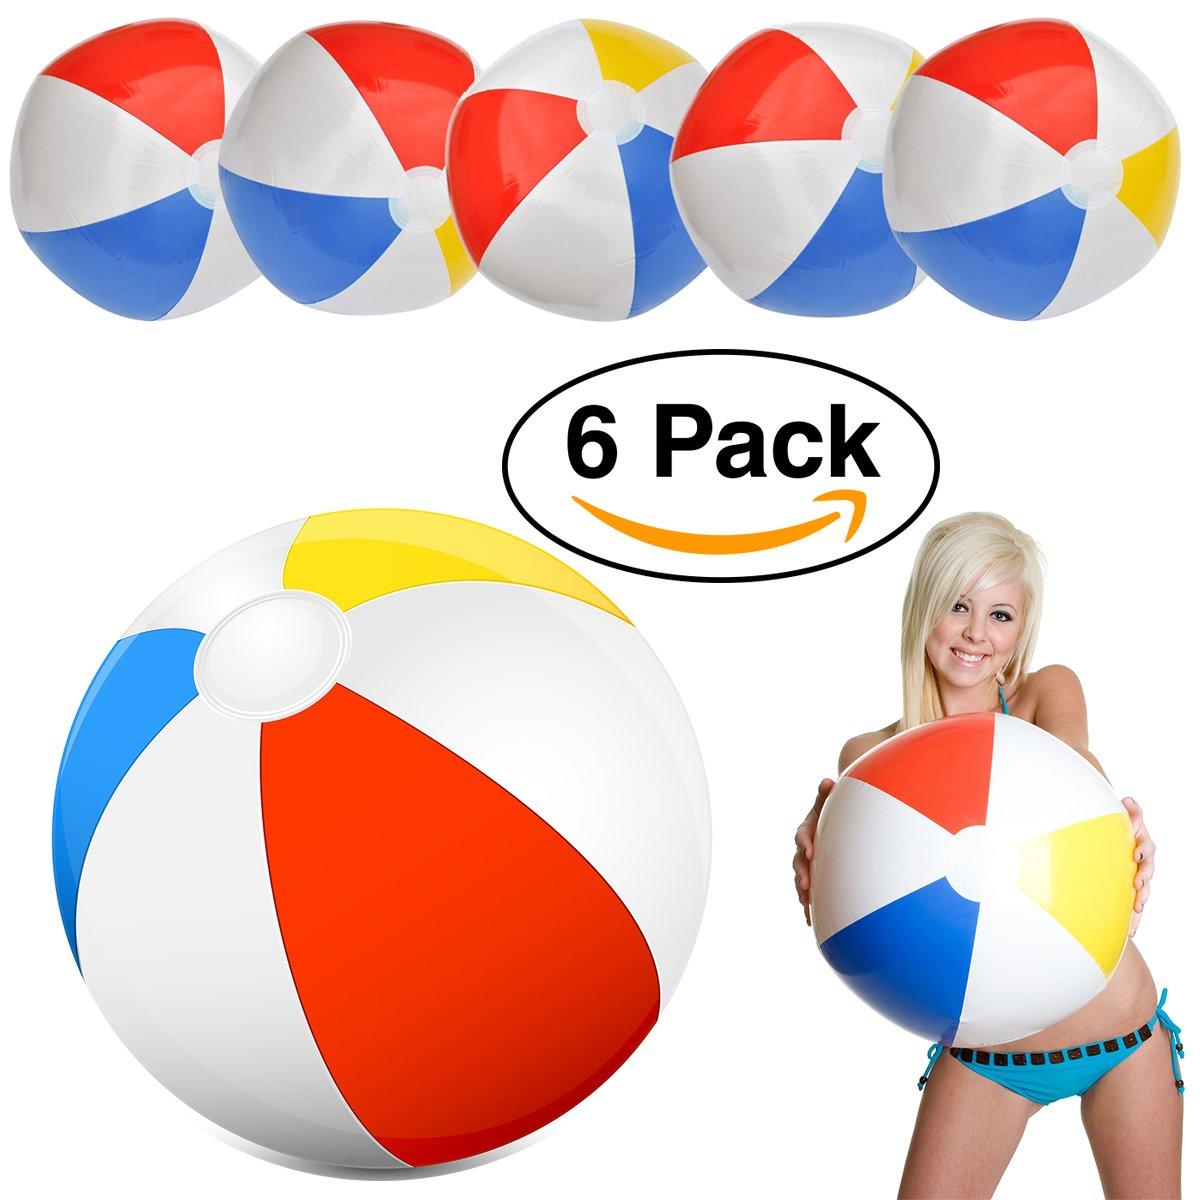 Intex Glossy Panel Beach Ball Large 20 Classic Red Blue Yellow /& White Beachball 6 Pack